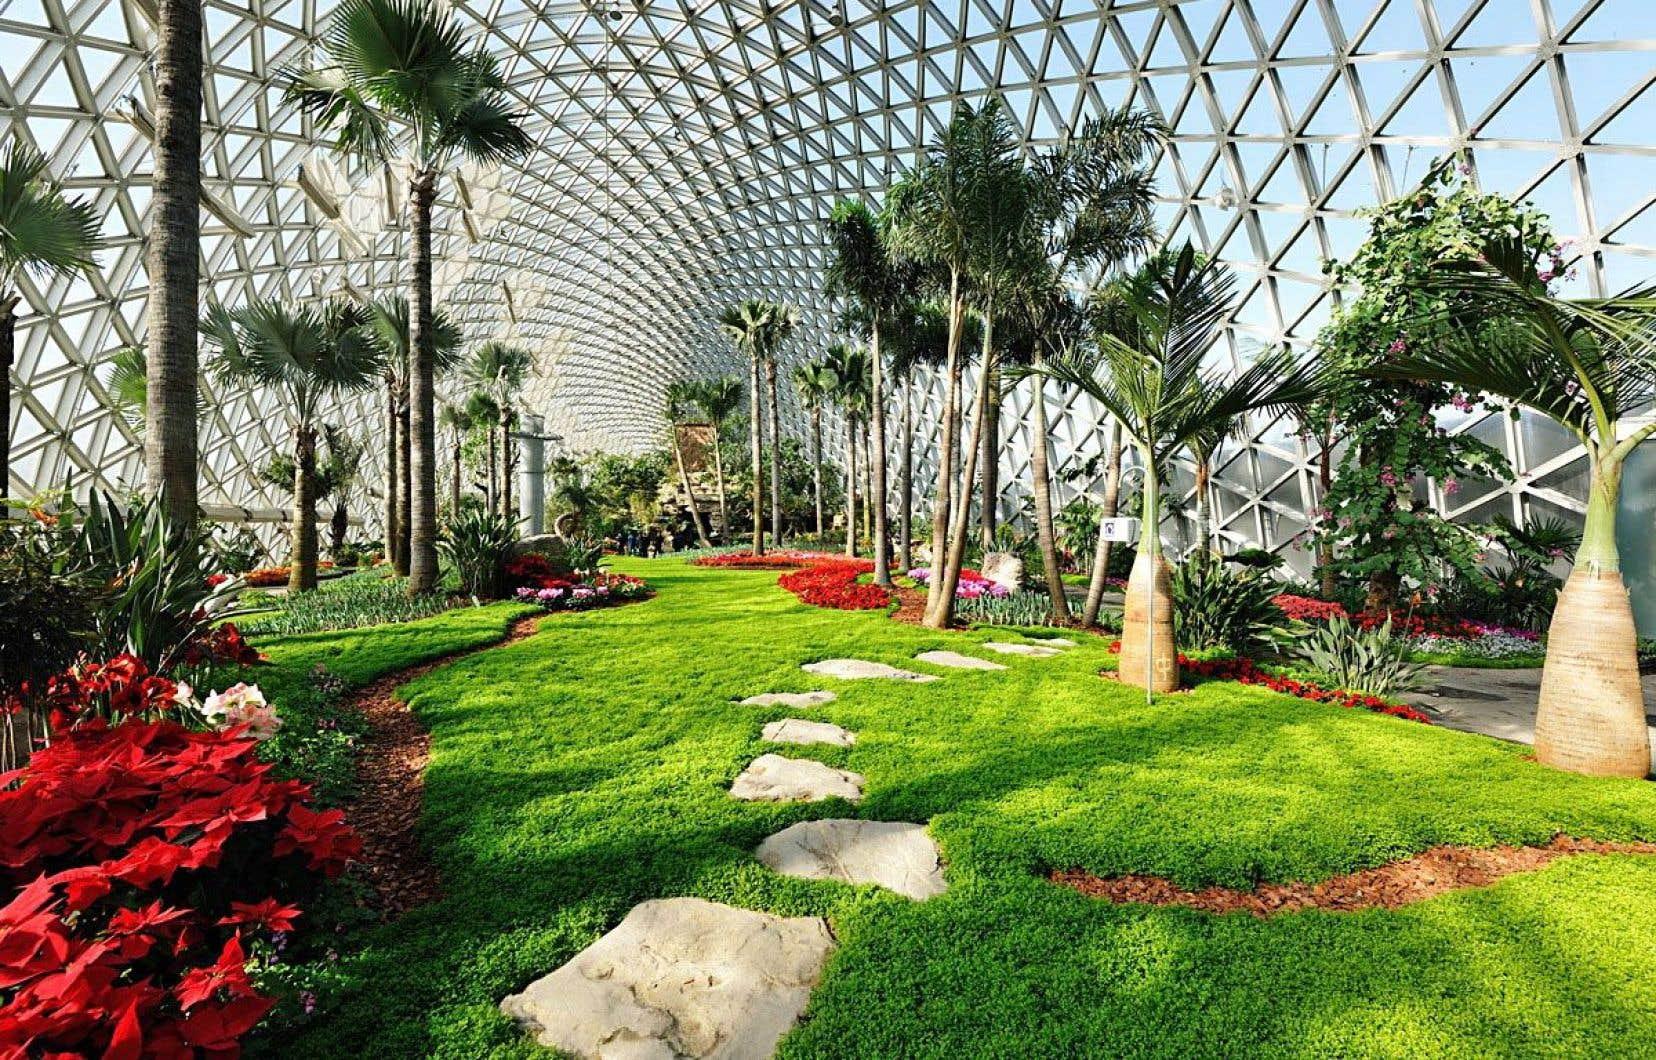 Les trois serres surprennent par leur design futuriste et leur grandeur.